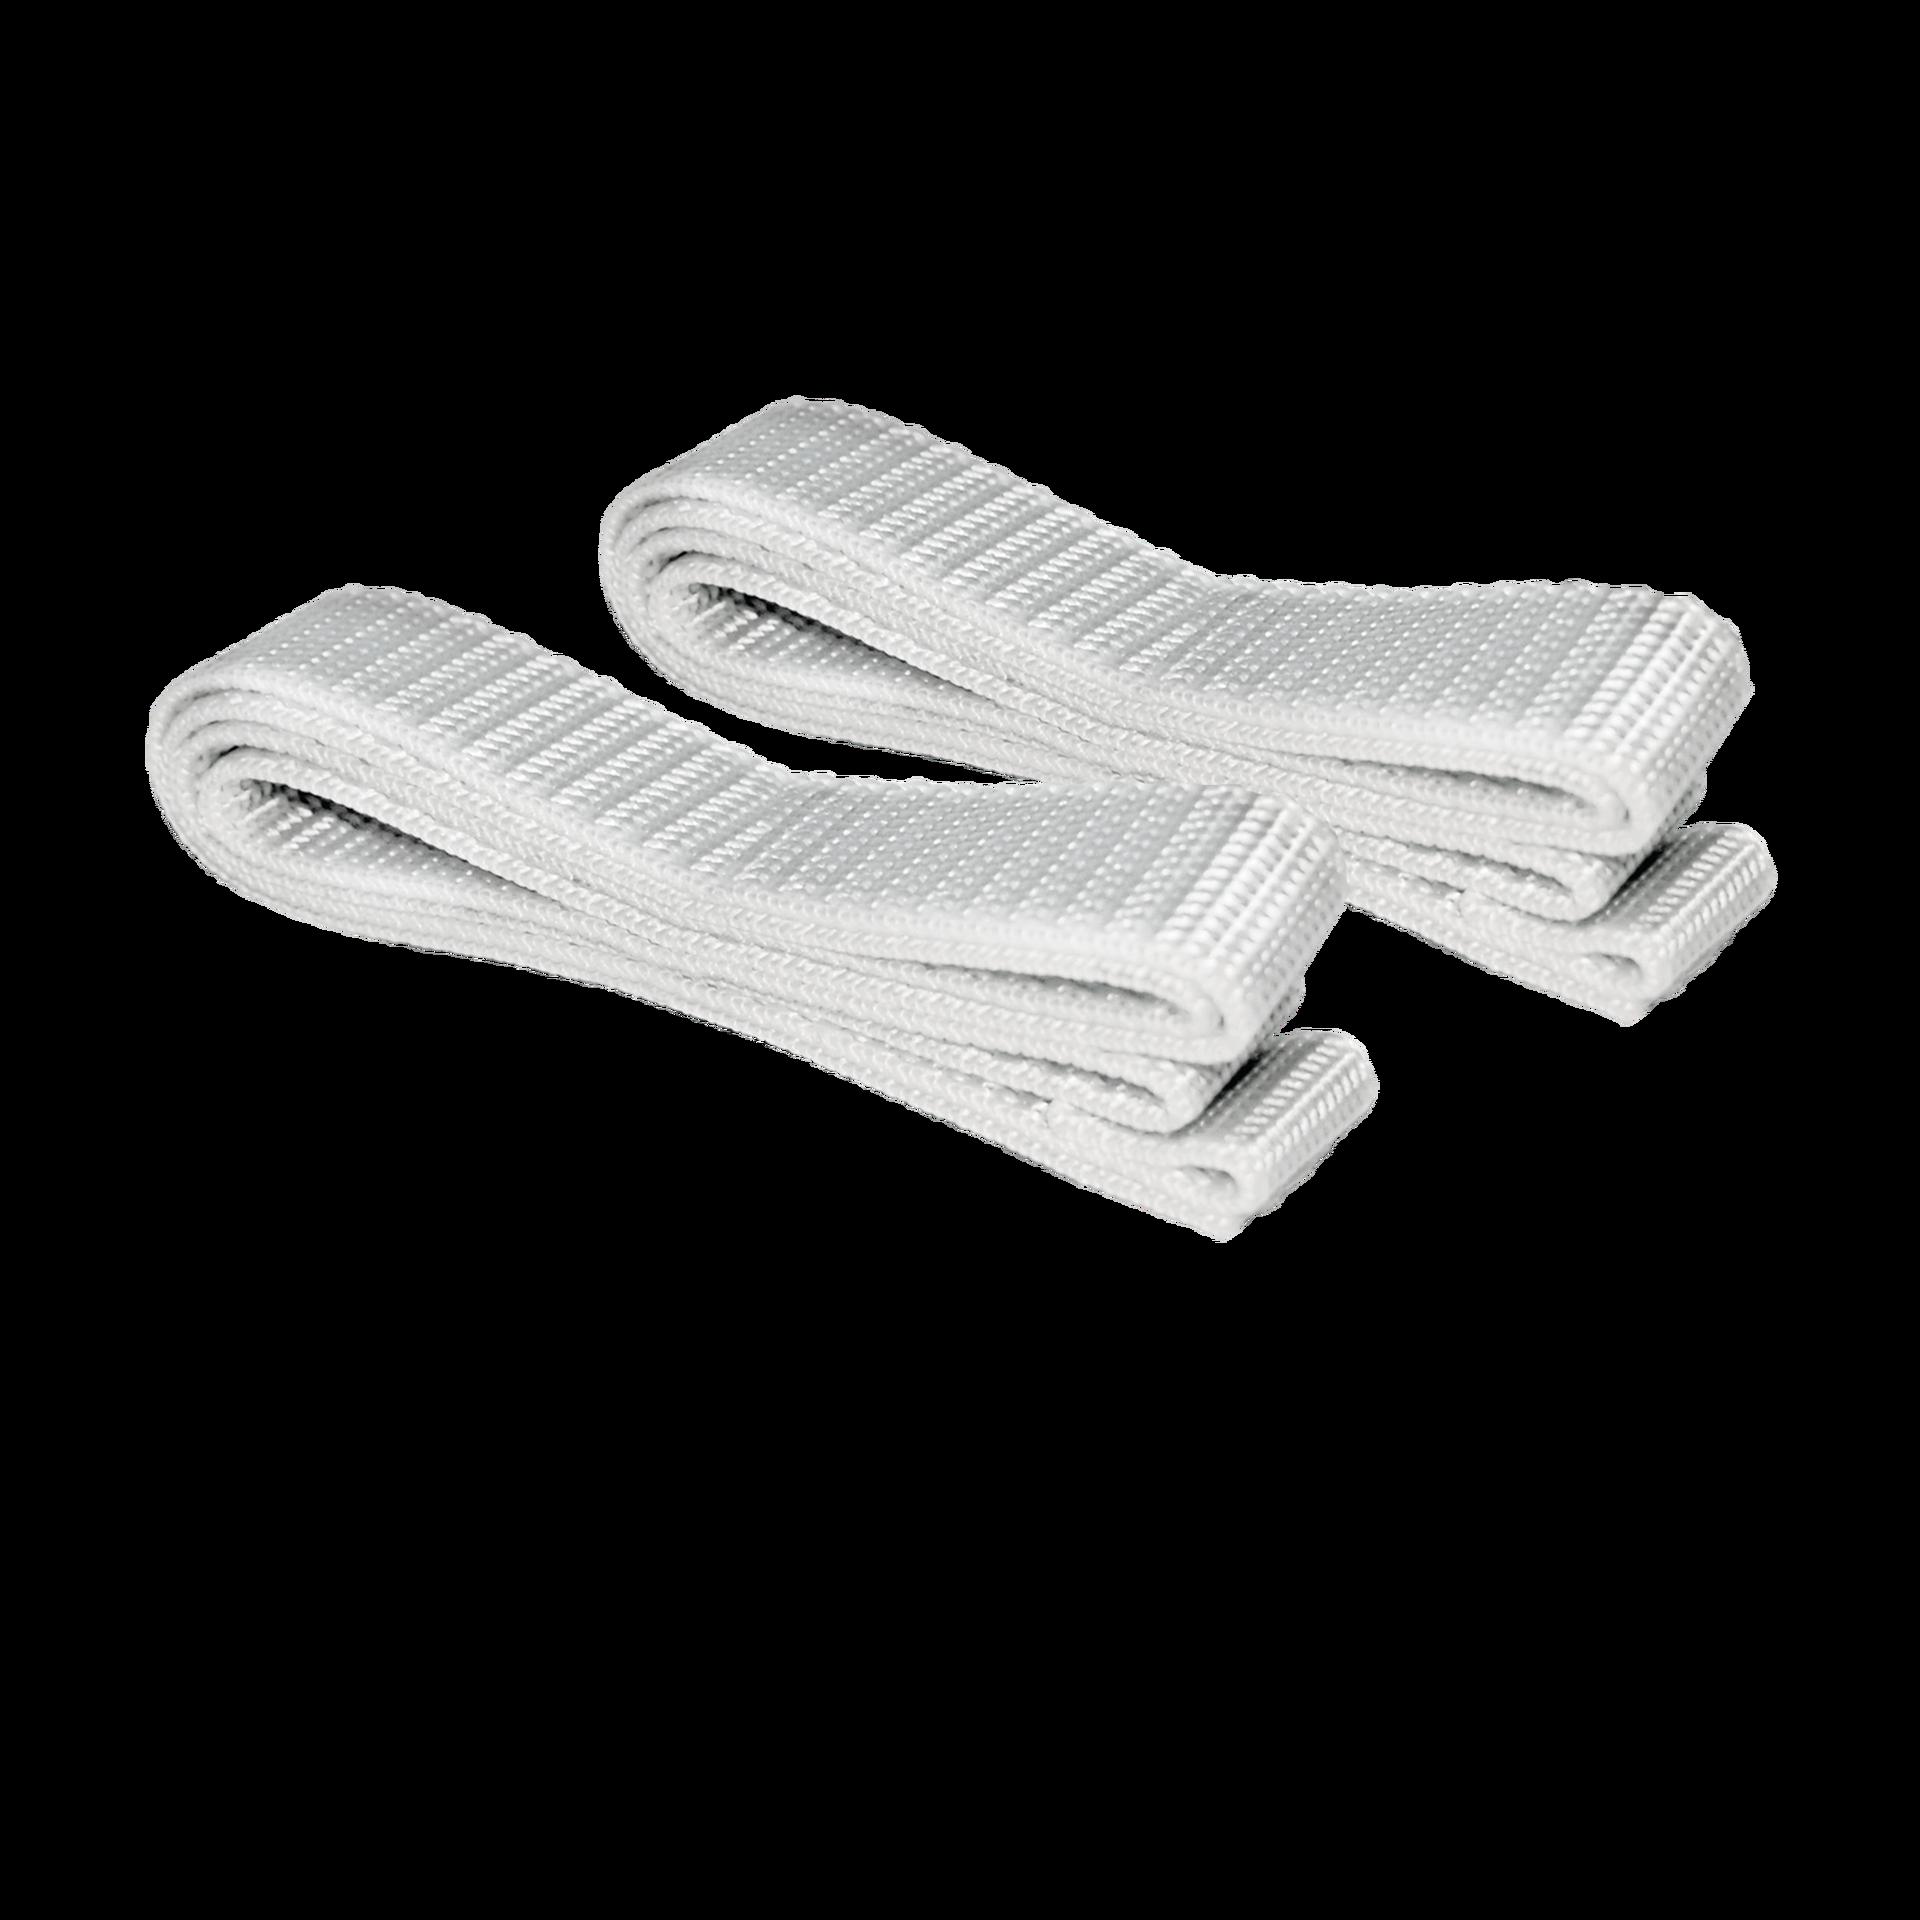 Ιμάντες πρόσδεσης 80cm για την BALCONERA white